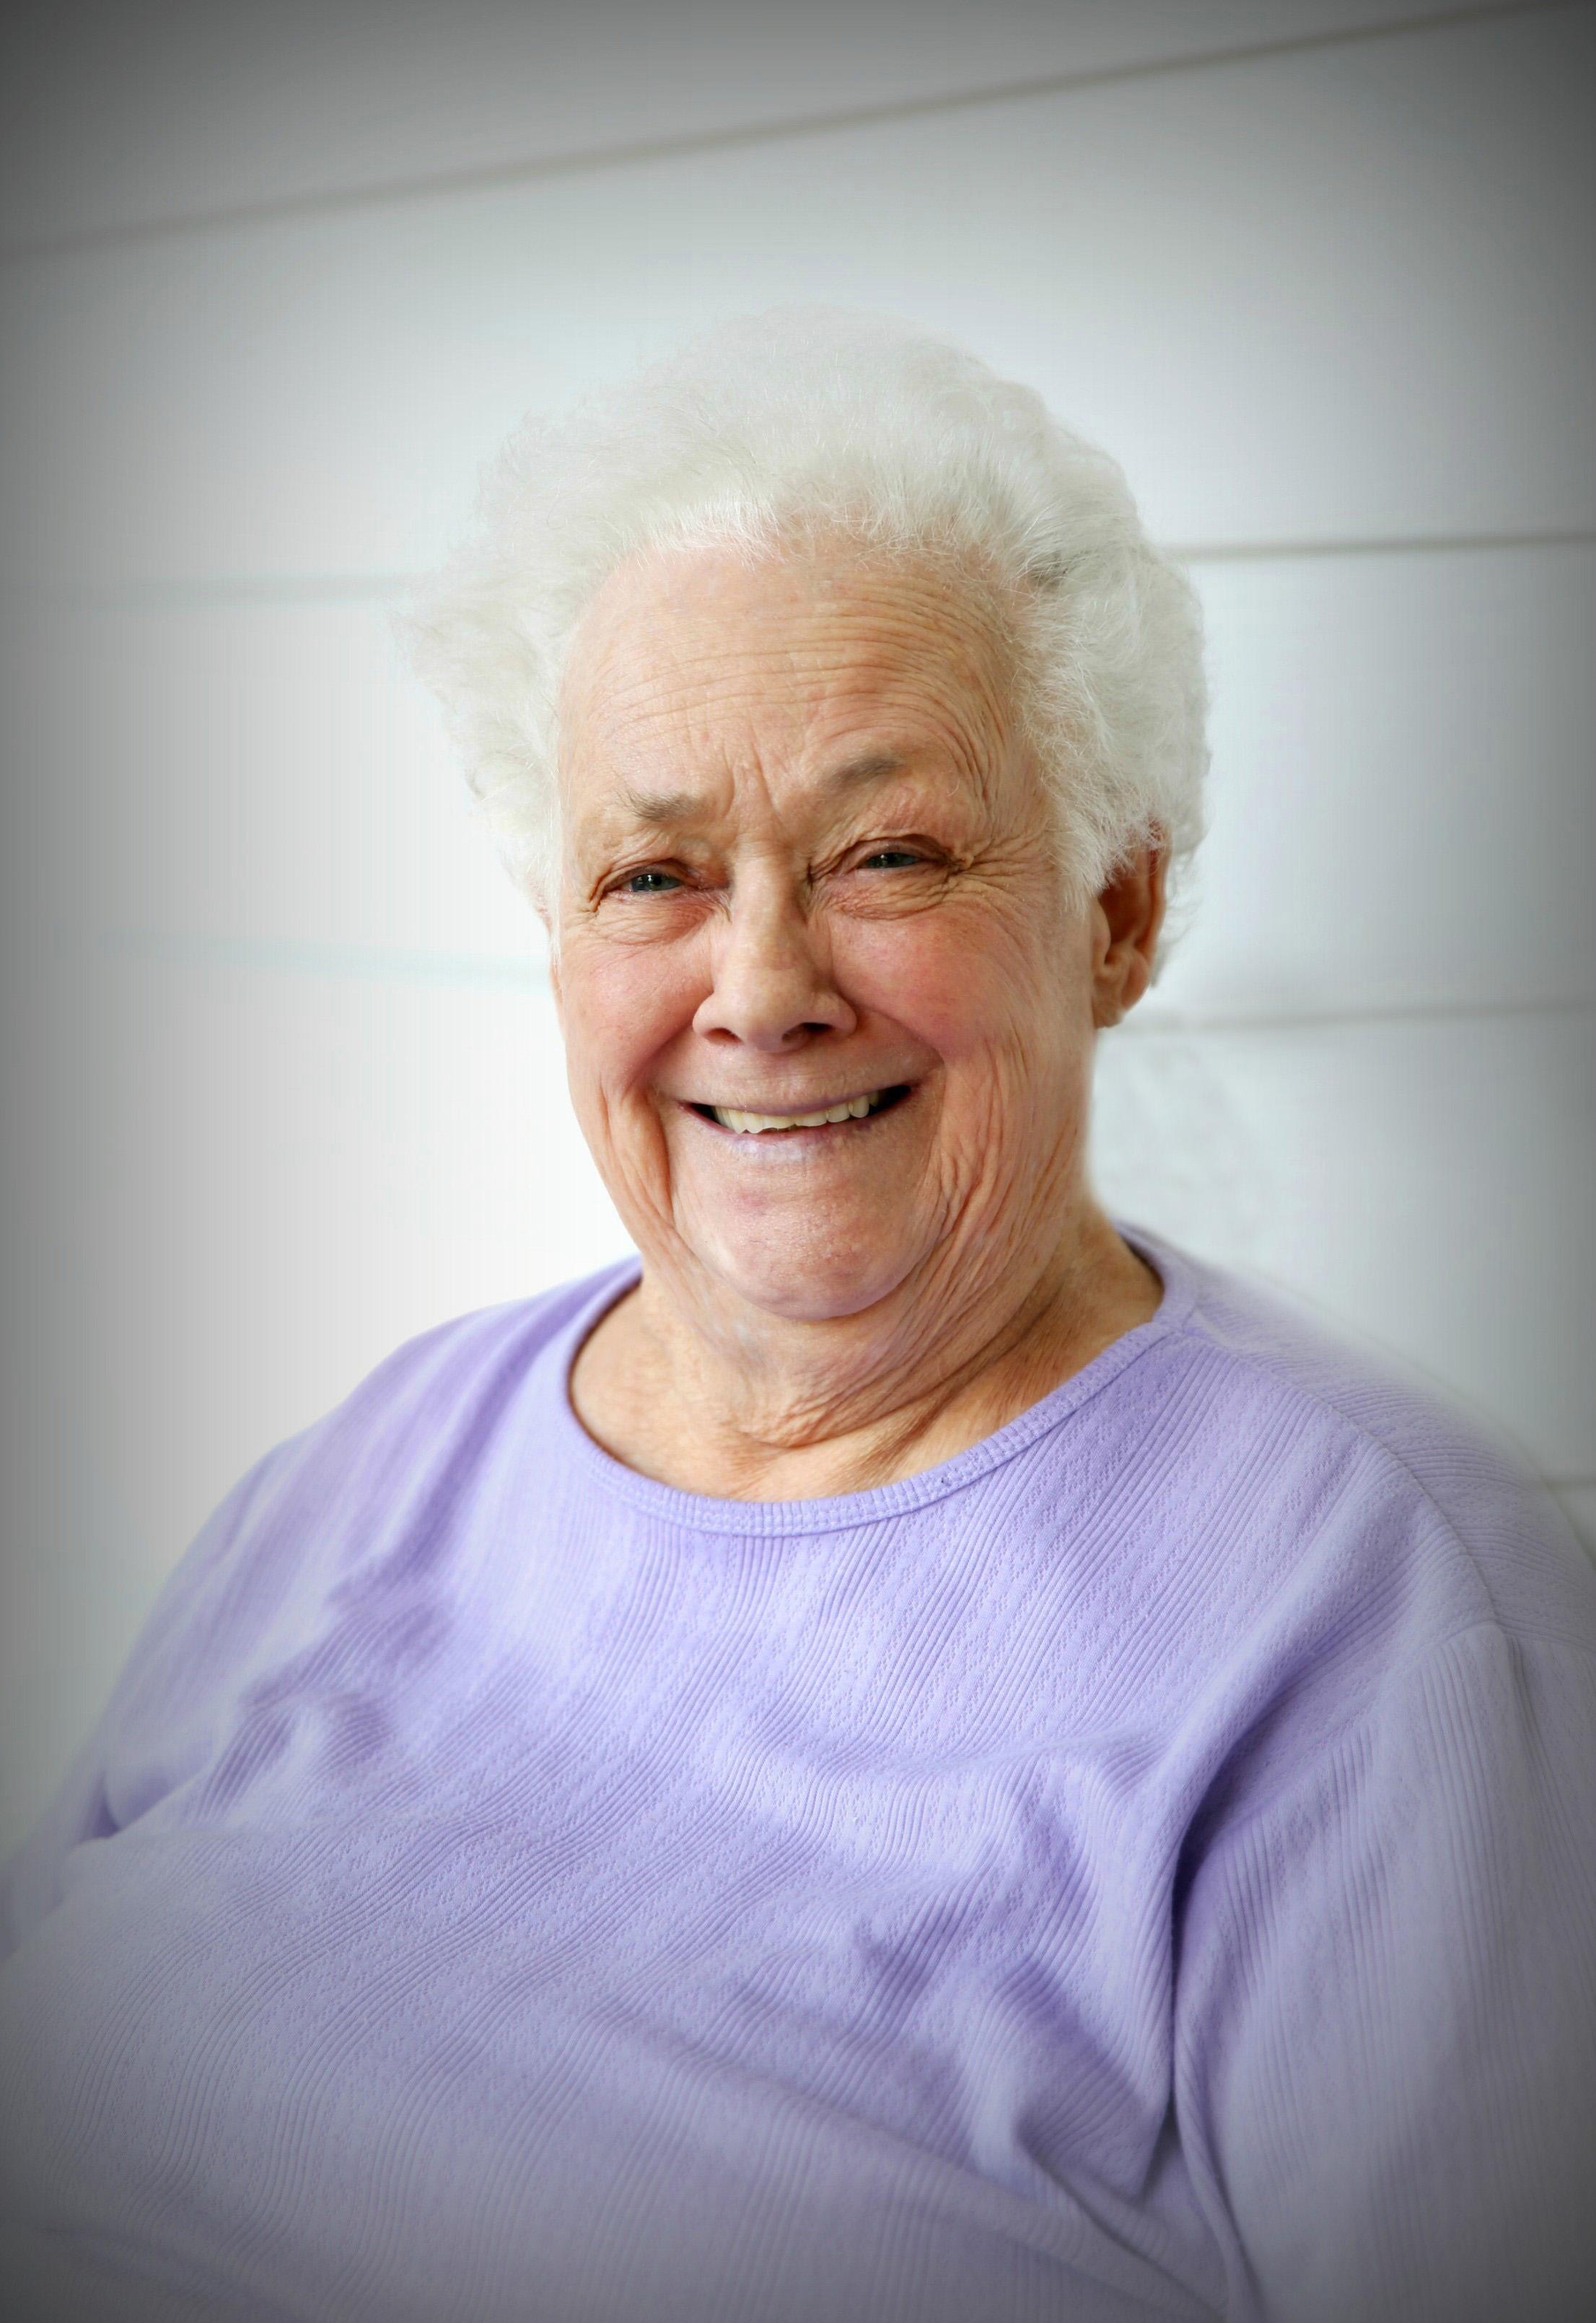 Jeannine Elaine Hopkins, 86 years of age, of Holdrege, NE